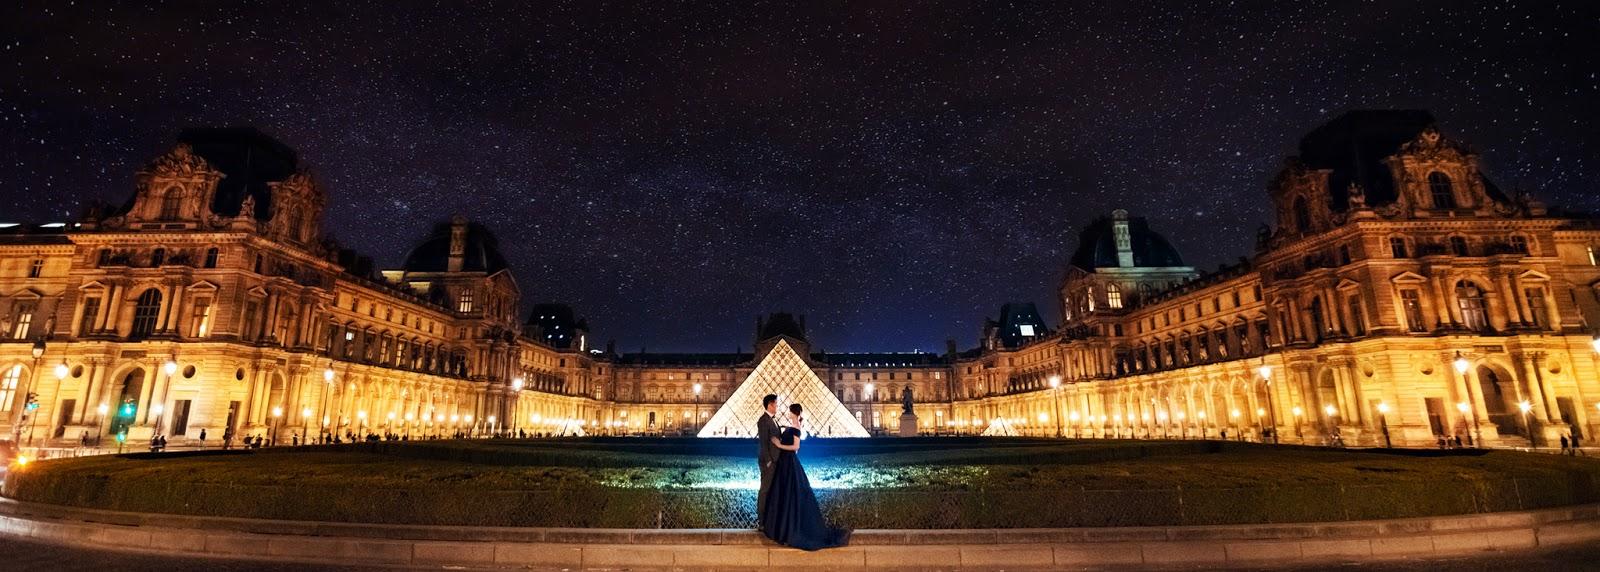 PARIS巴黎婚紗 巴黎聖母院 聖心堂 巴黎歌劇院 蒙馬特 海外自助婚紗推薦 私密拍攝景點 羅浮宮 亞力三大三世橋 羅浮宮夜拍 巴黎櫻花婚紗 PARIS PREWEDDING